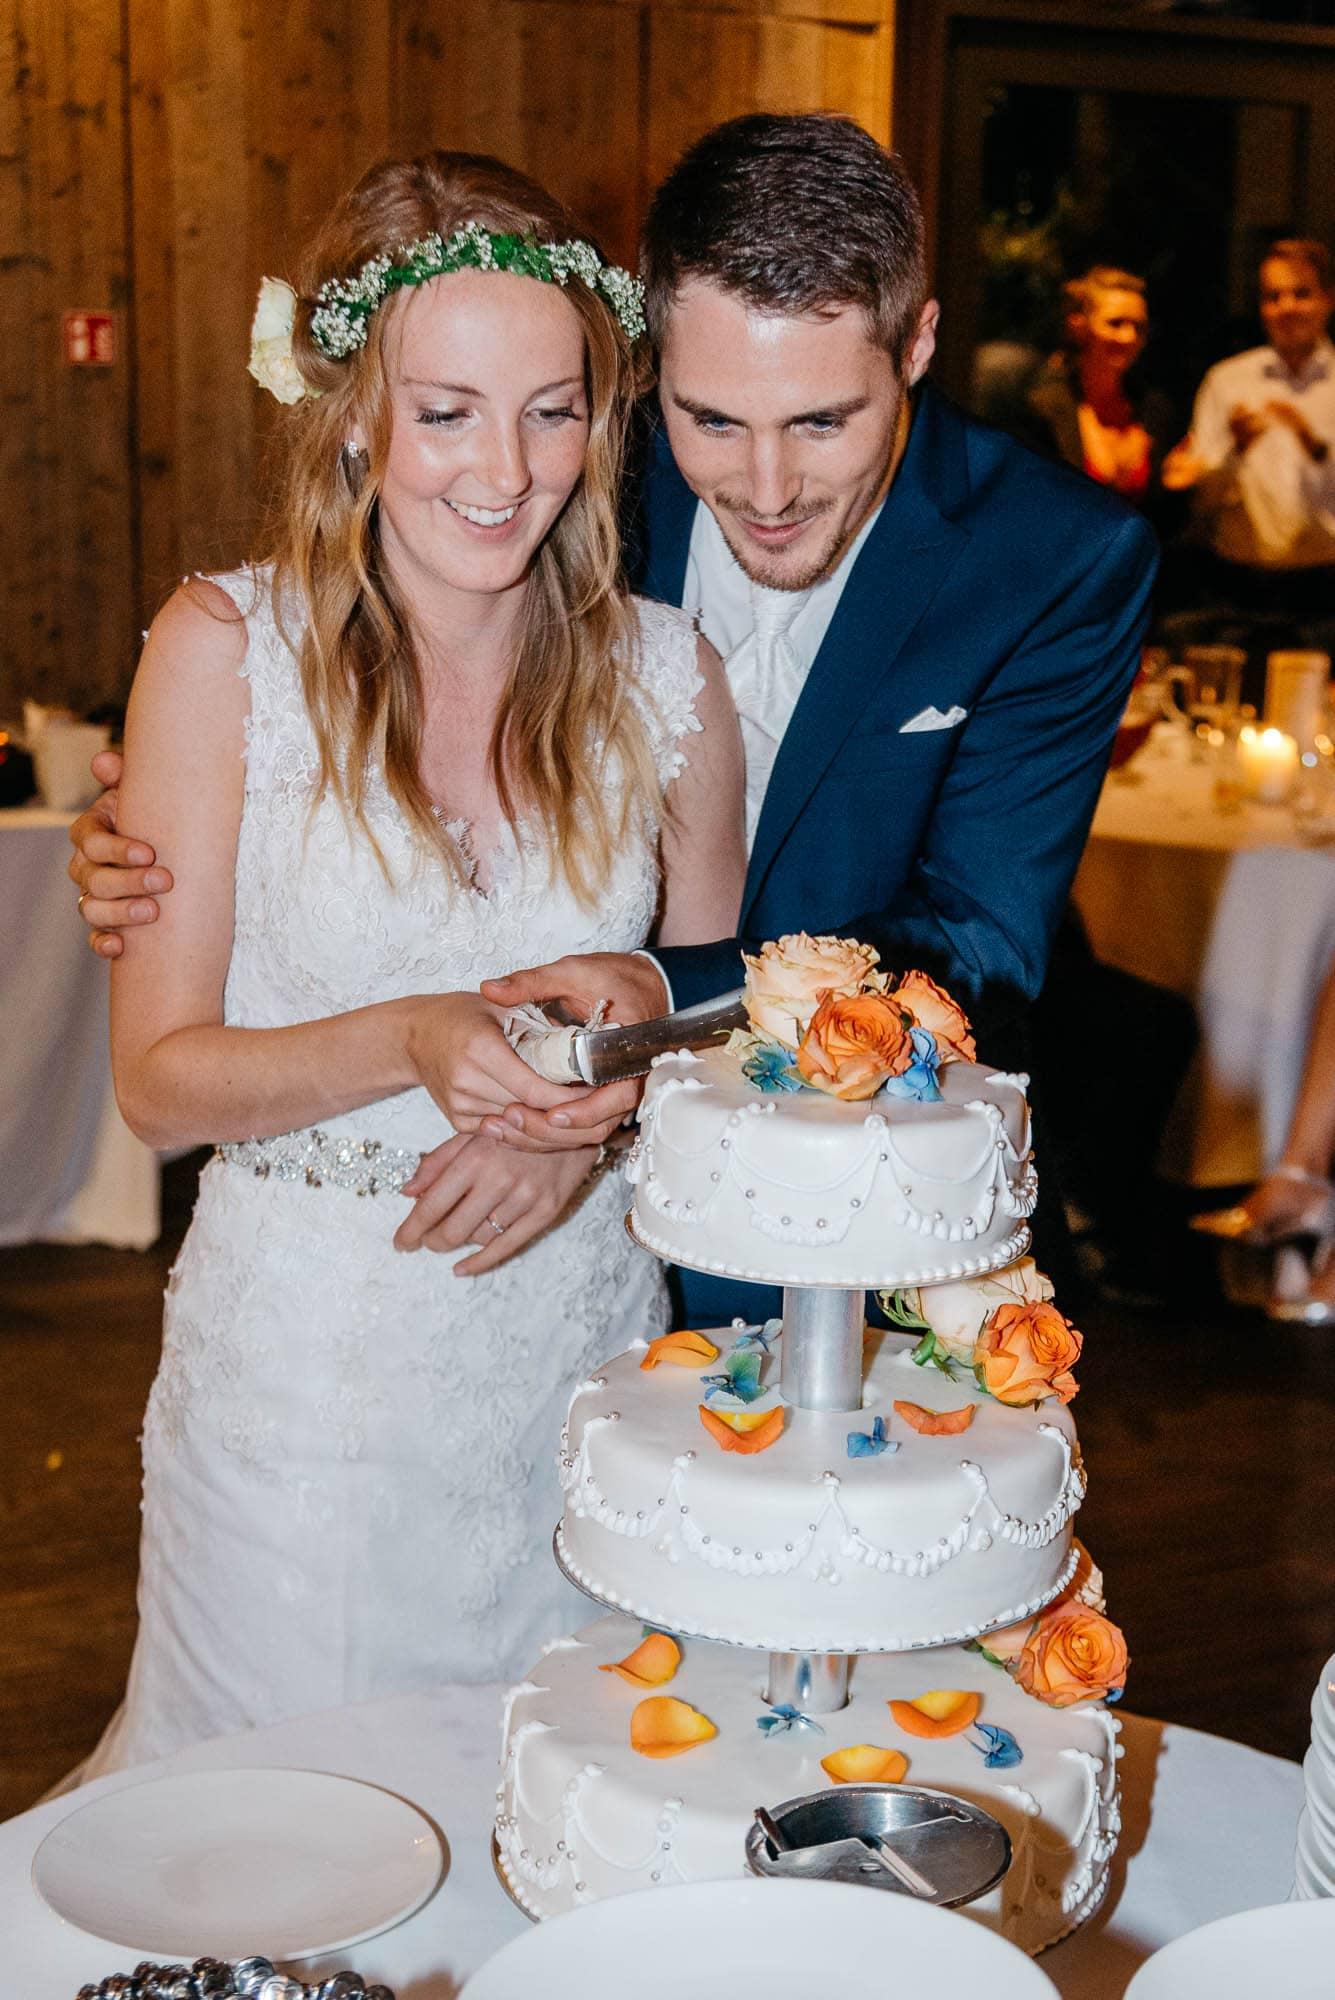 Hochzeit im Hotel Grenzhof in Heidelberg mit Steffi und Yannick - Feier